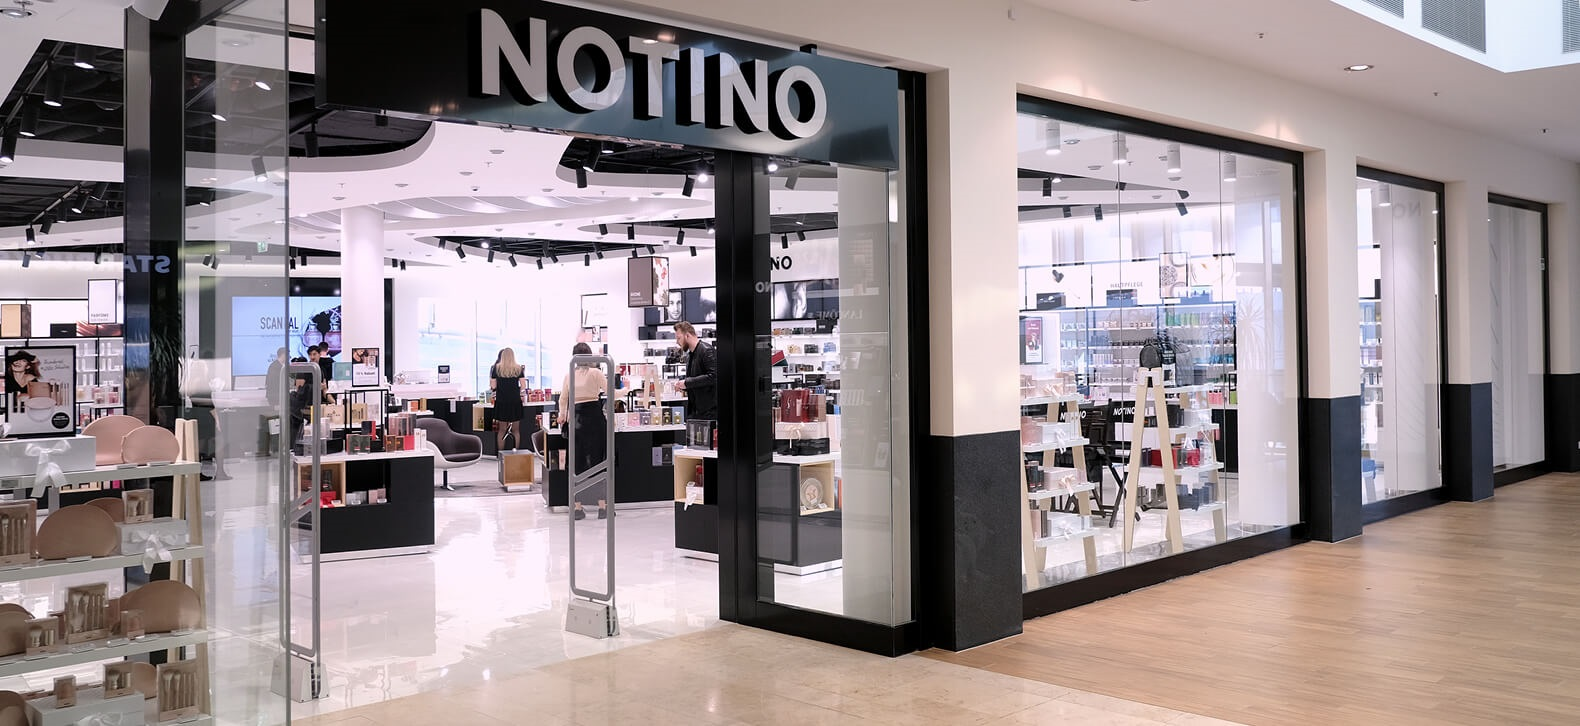 Parfumerie Wien Parfum Und Kosmetik Donau Zentrum Notinoat